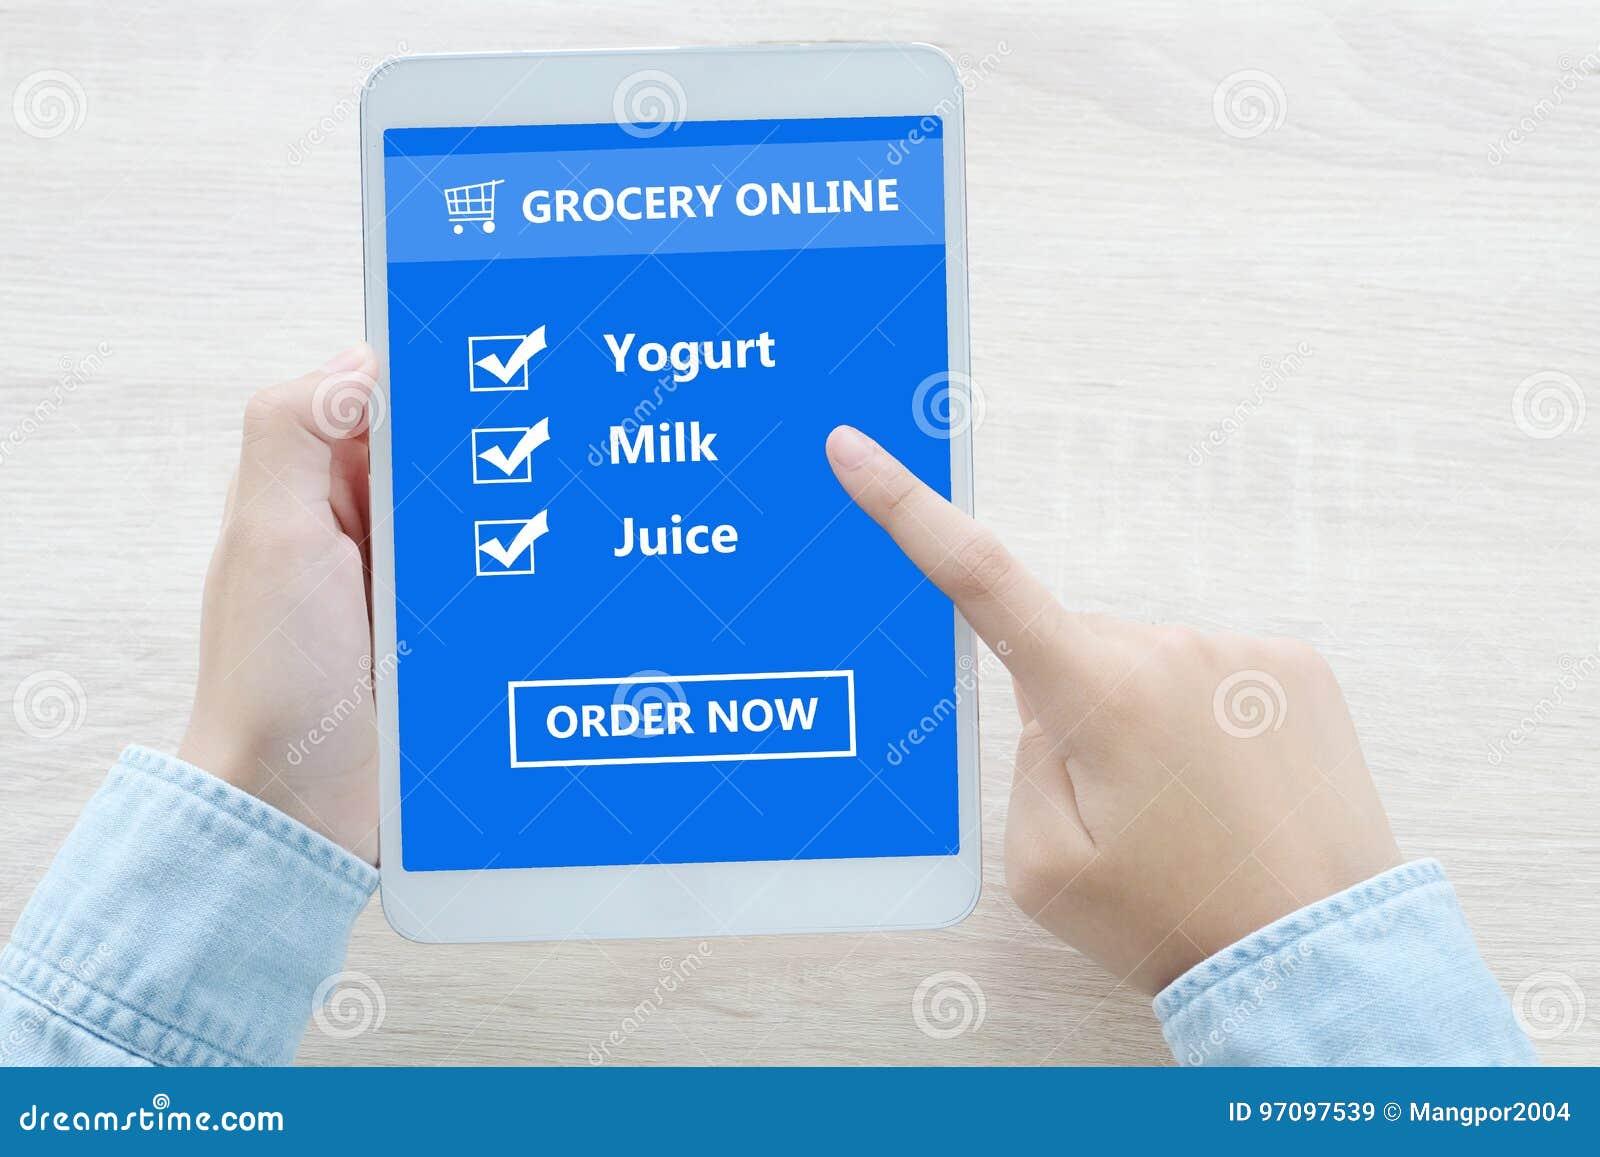 Χέρι που χρησιμοποιεί την ταμπλέτα με τον κατάλογο ελέγχου αγορών παντοπωλείων on-line σχετικά με το SCR